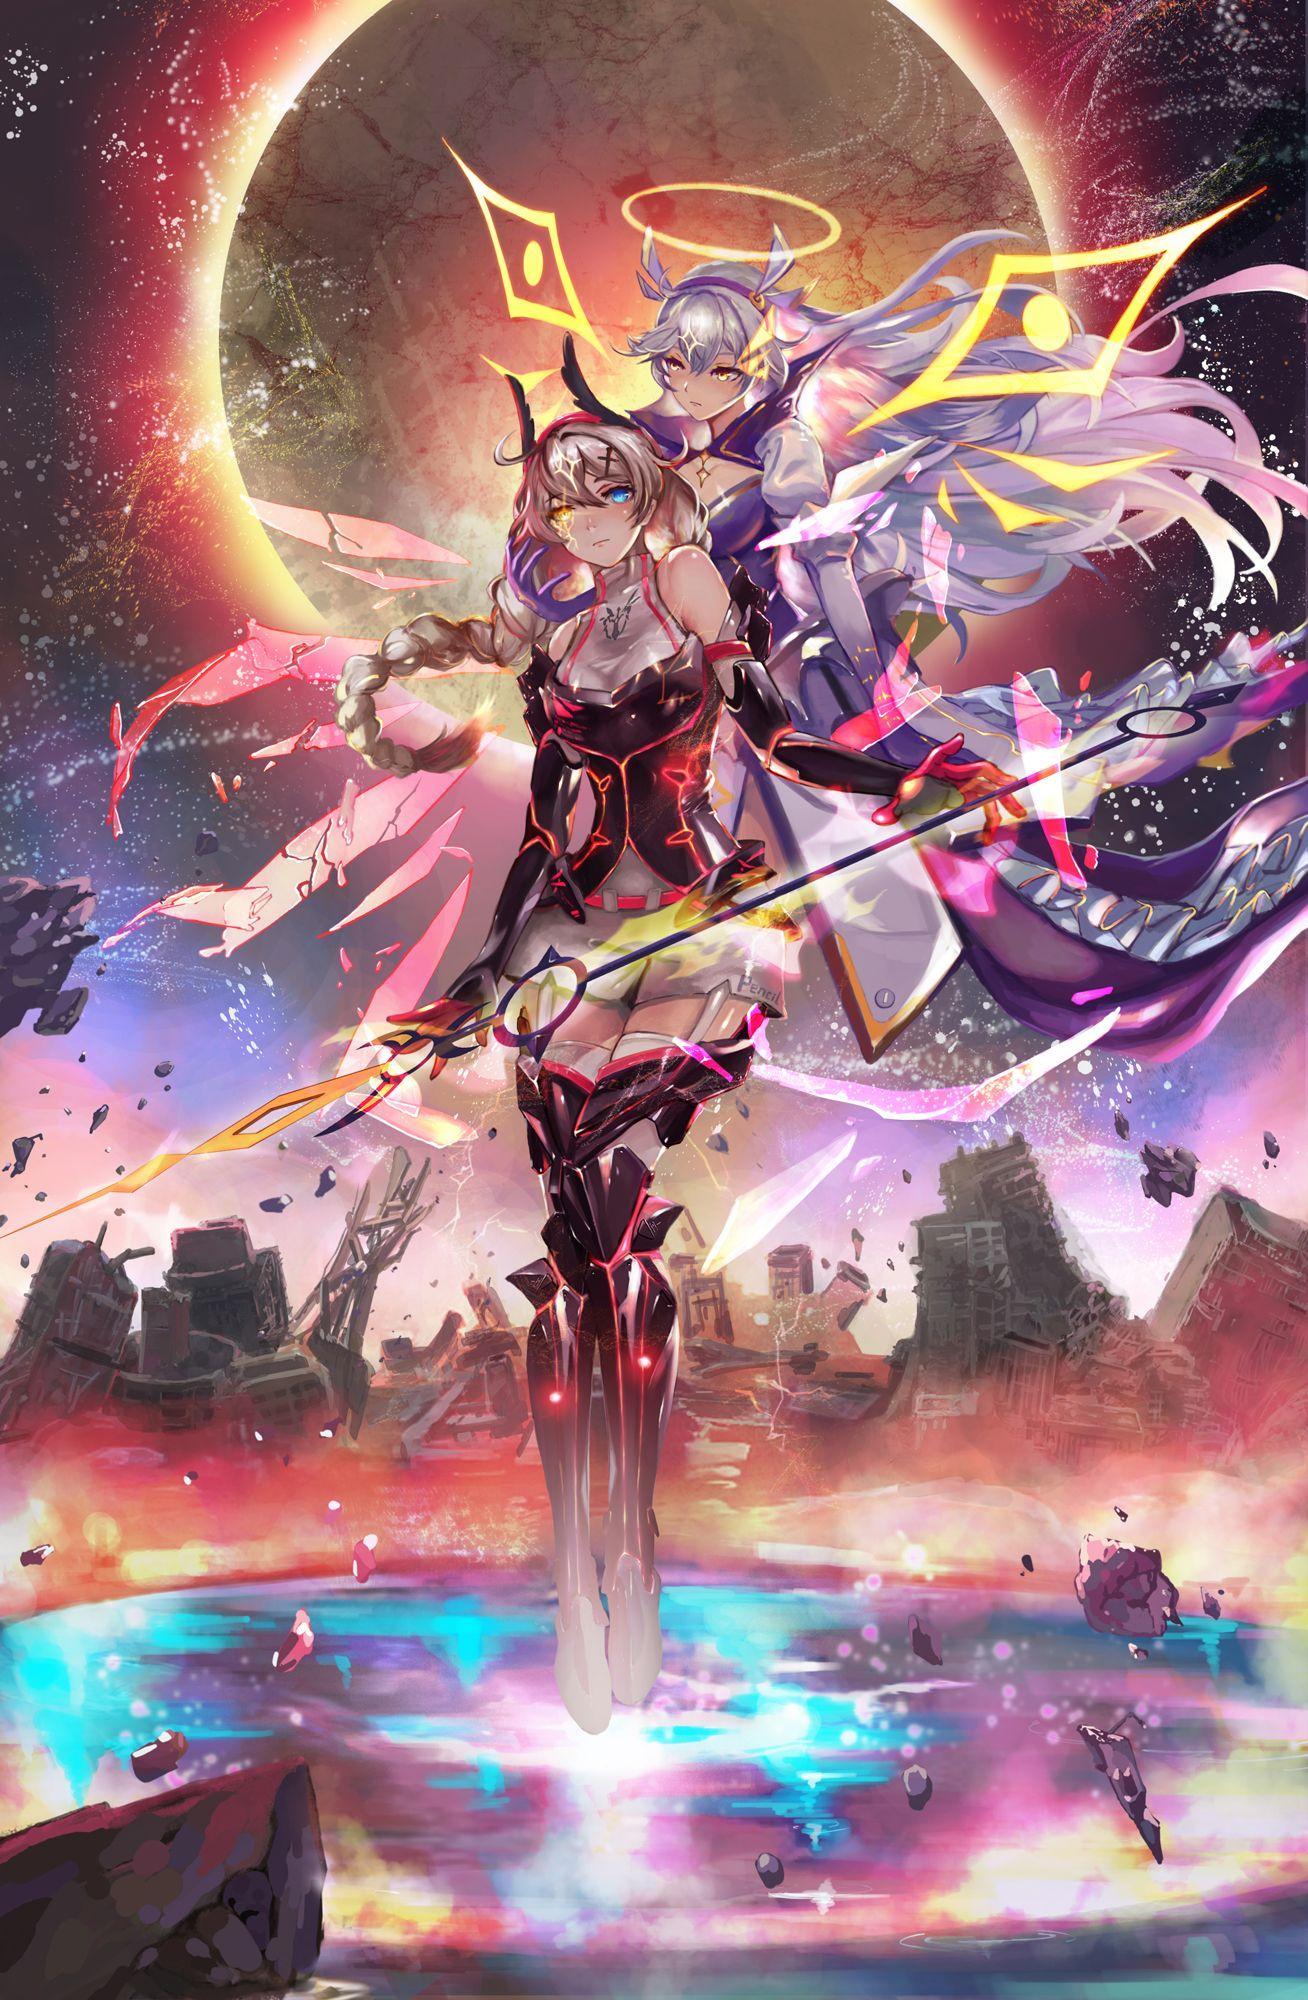 Honkai Impact 3 image by Duong Nguyen Anime, Anime